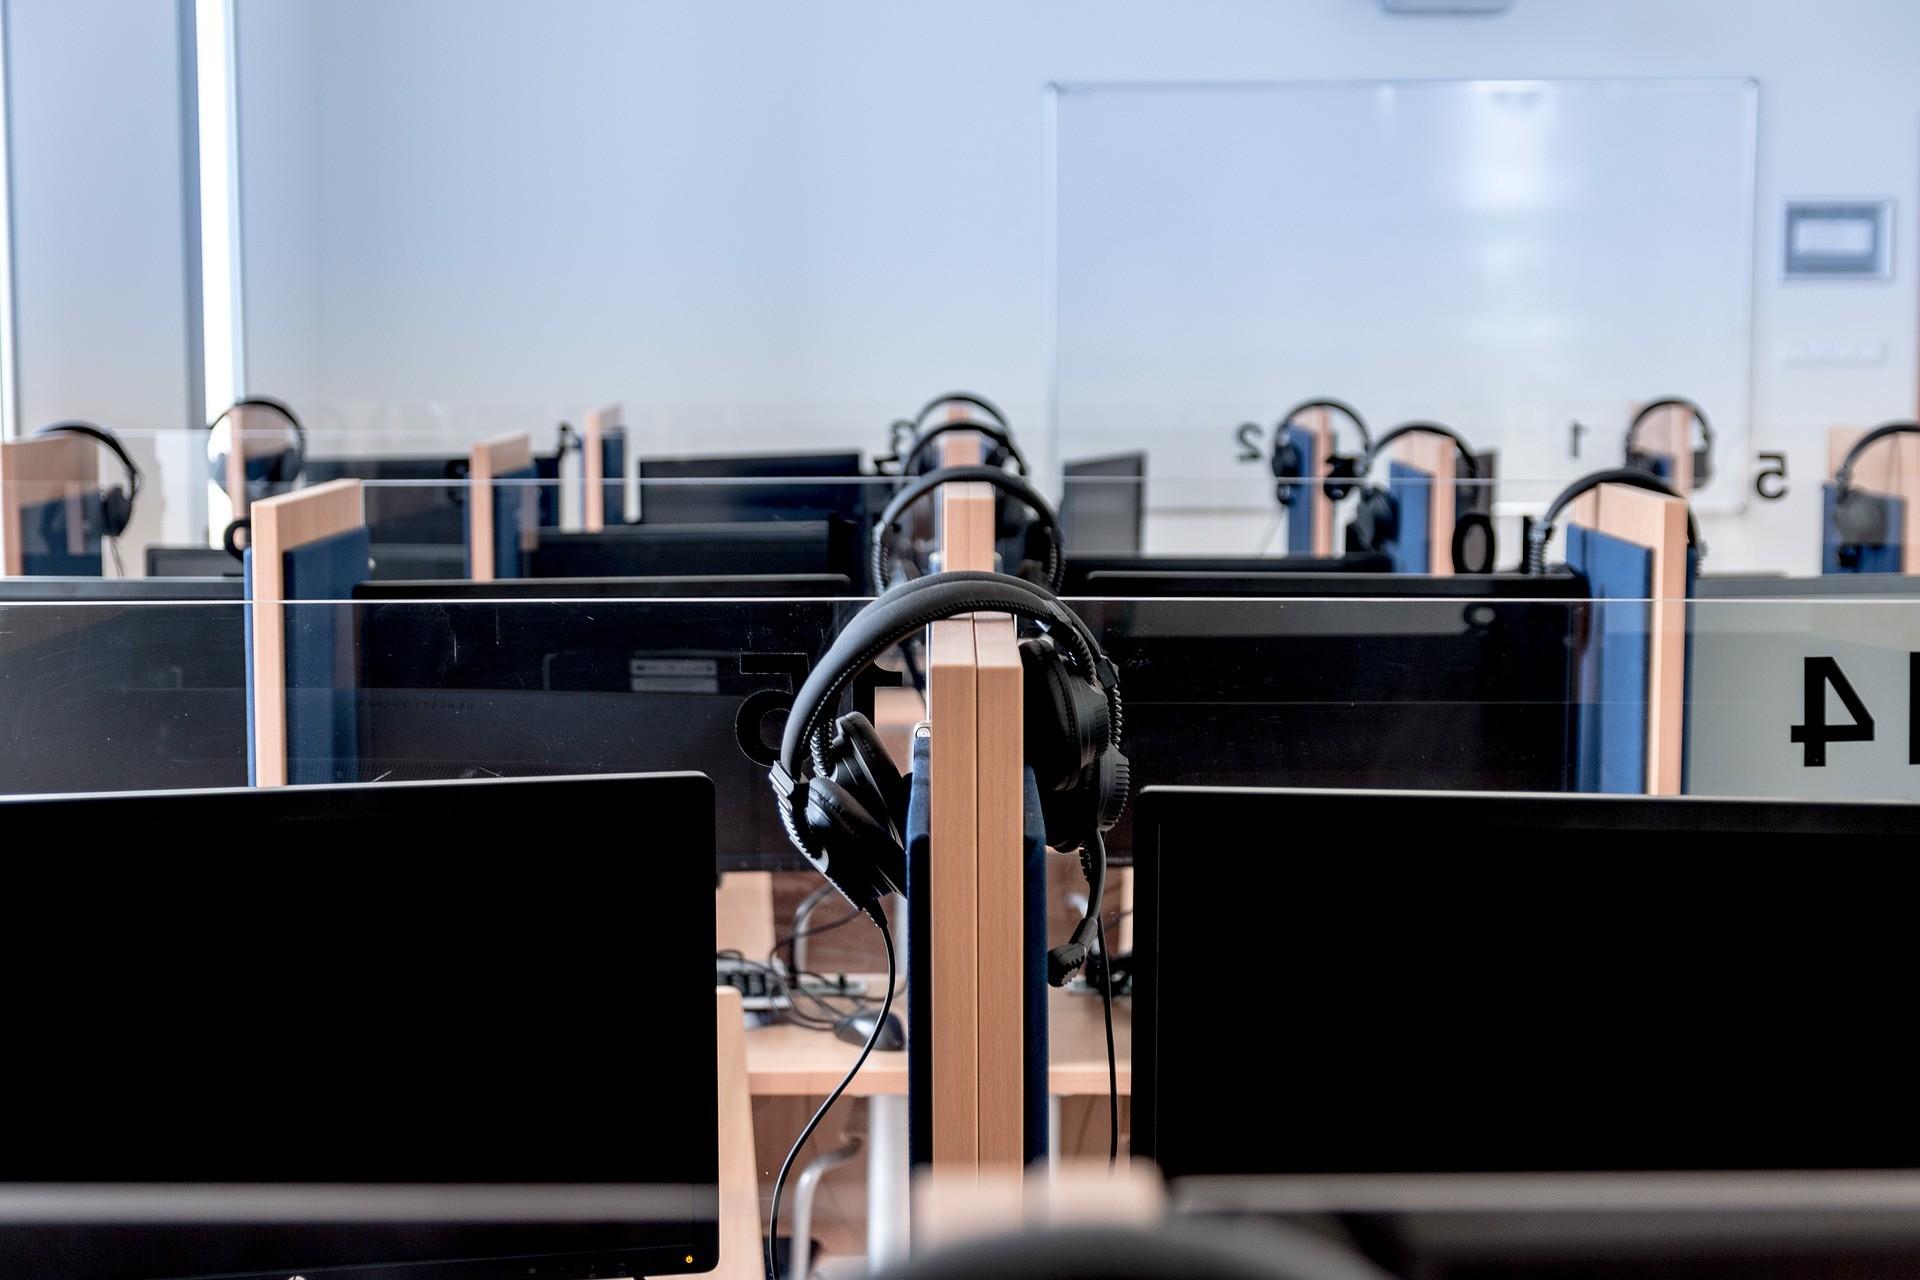 43% das escolas rurais não têm internet por falta de estrutura na região, diz pesquisa - Notícias - Plantão Diário